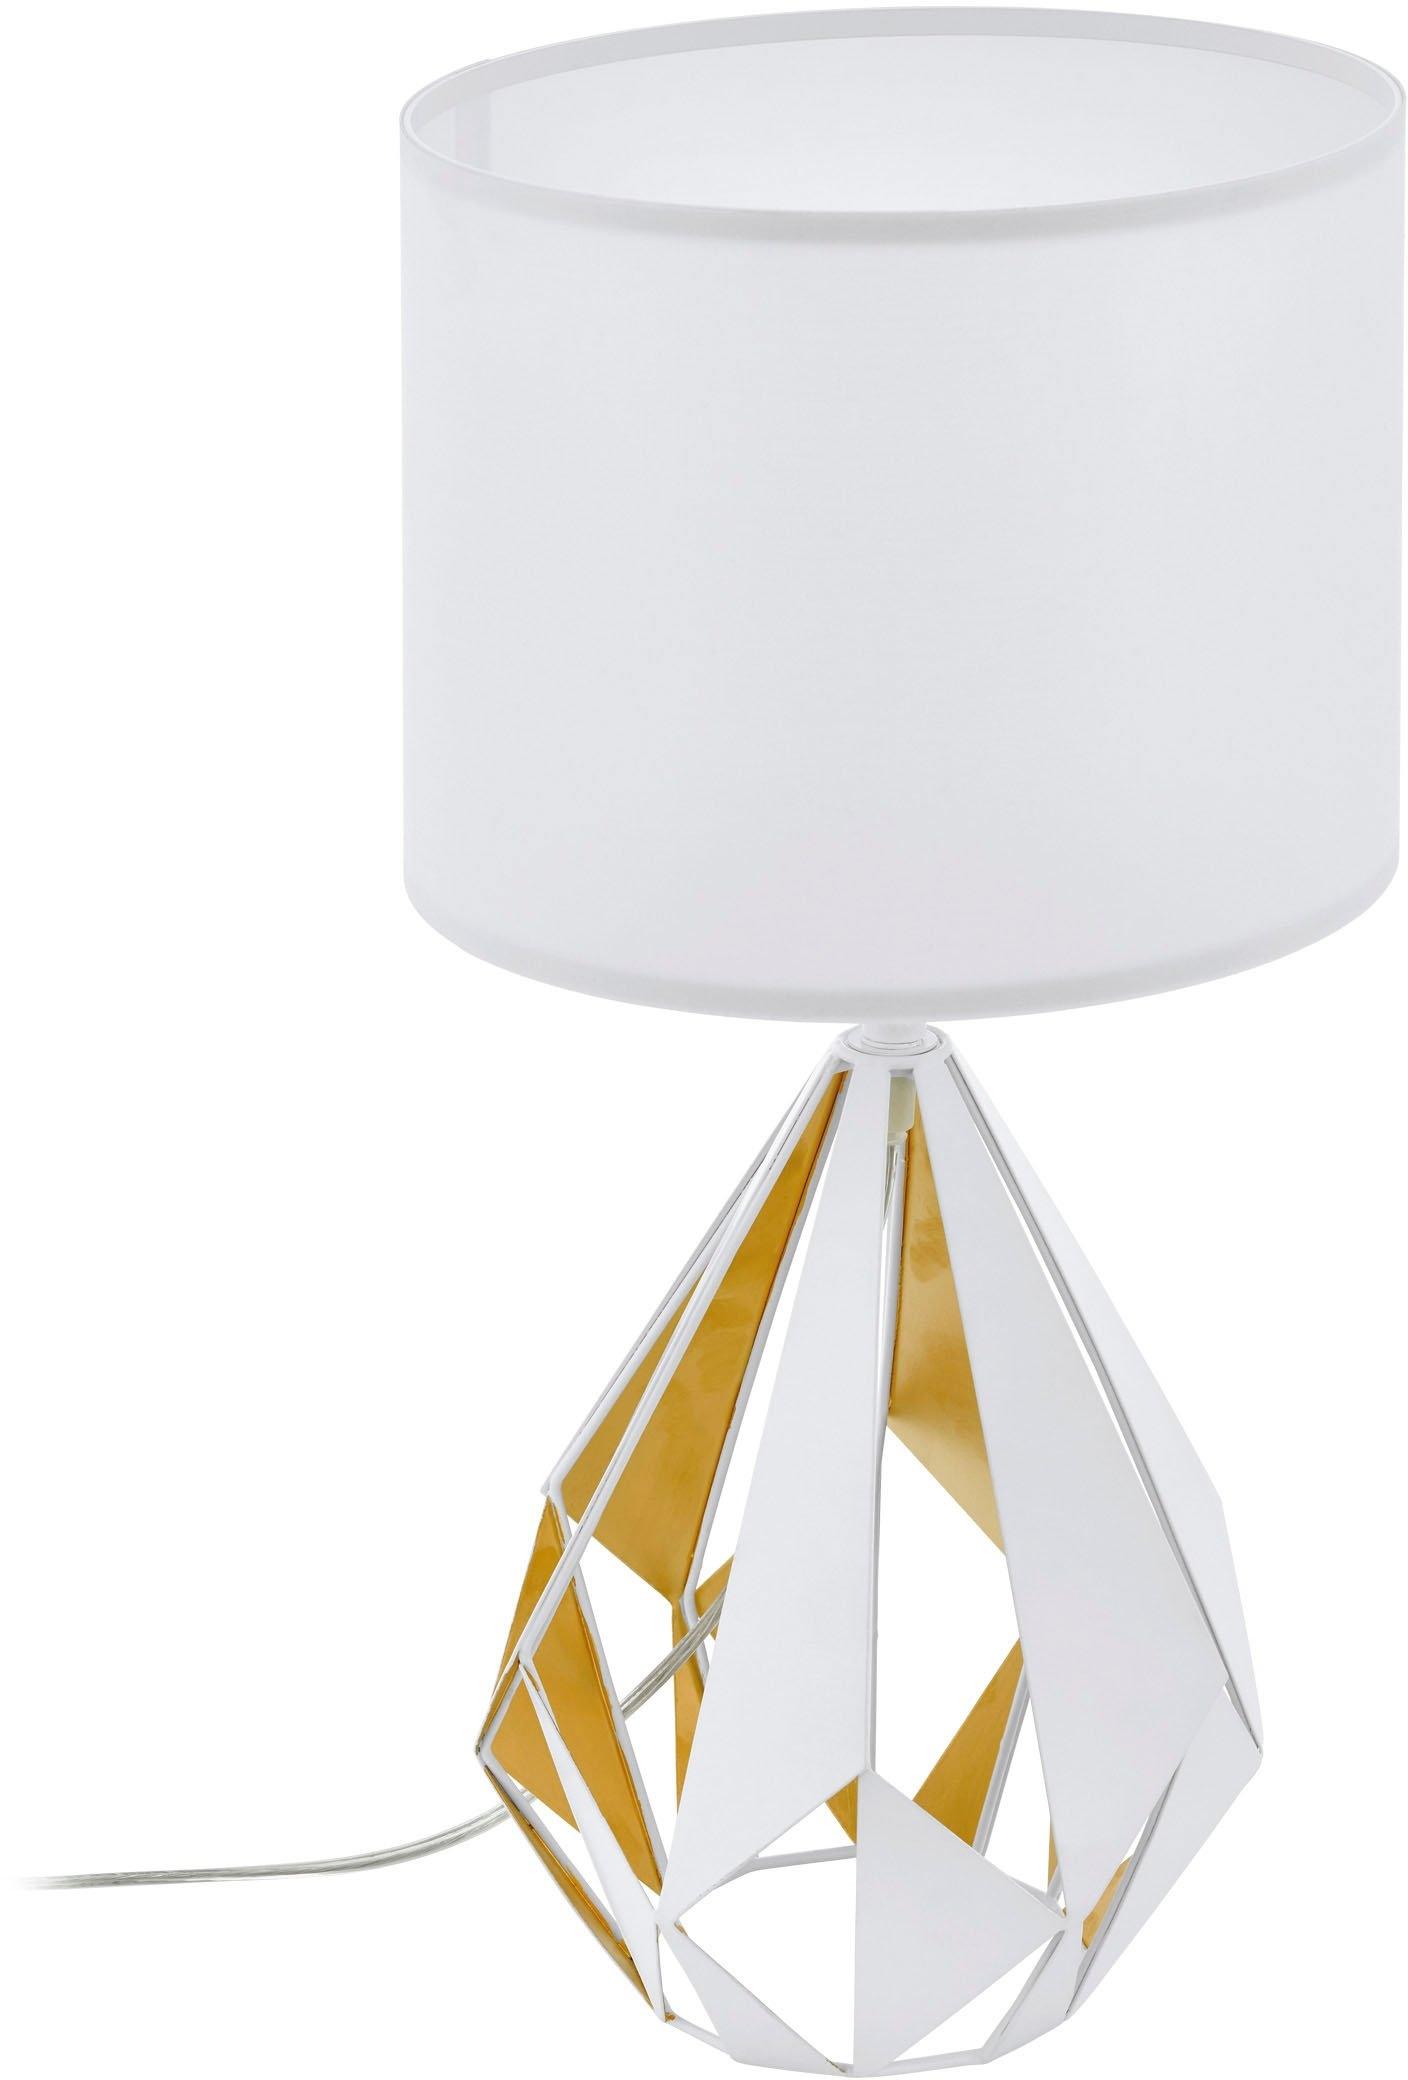 EGLO tafellamp »CARLTON 5«, veilig op otto.nl kopen